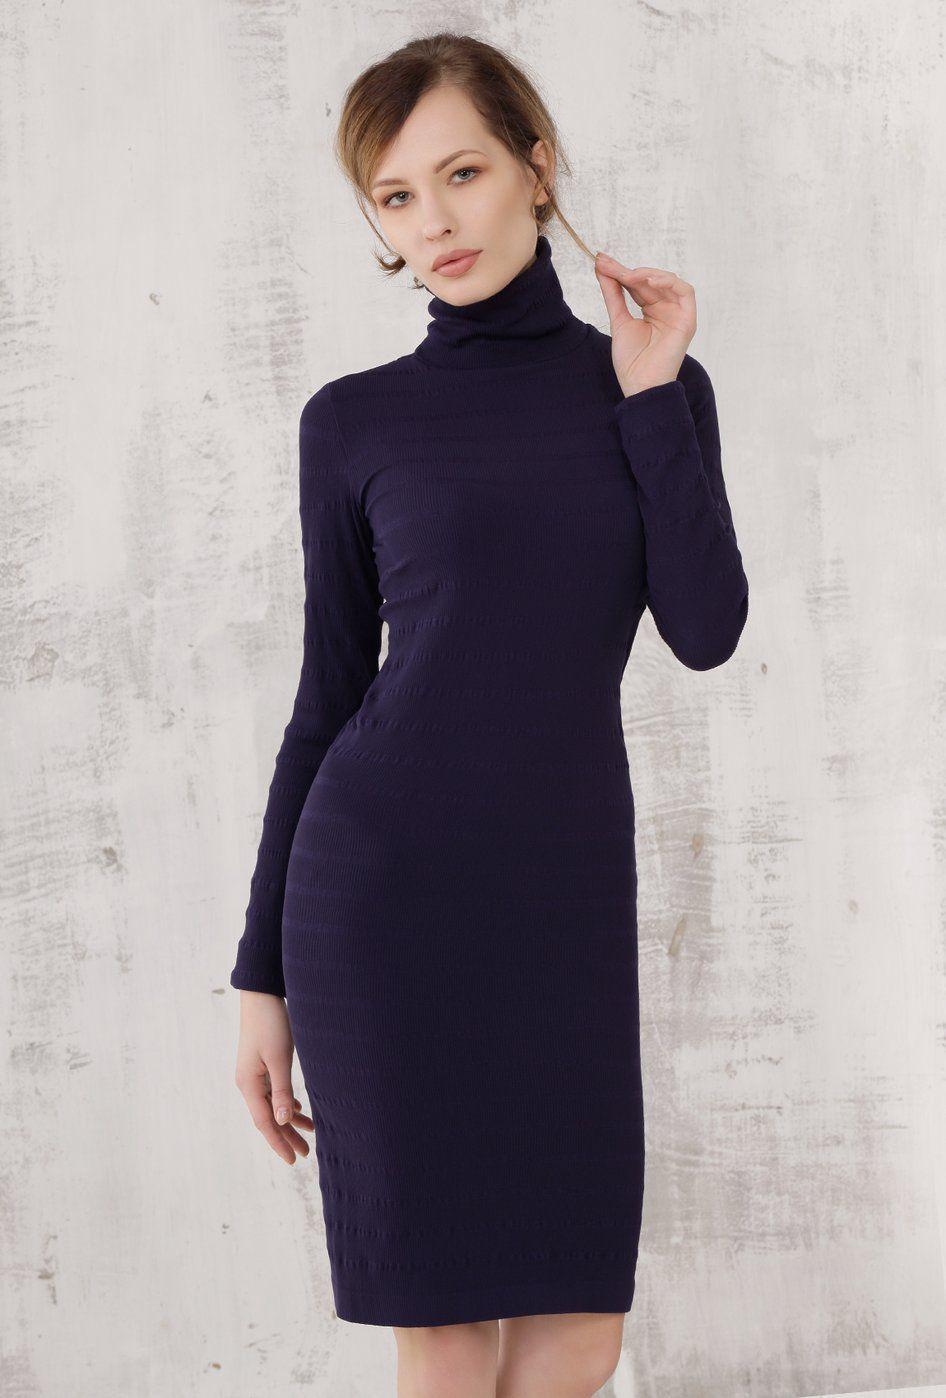 GATTA Sukienka Bandage Dress 5S CARMELITA  r. M (0046545S37292) 0046545S37292 Kleitas sievietēm